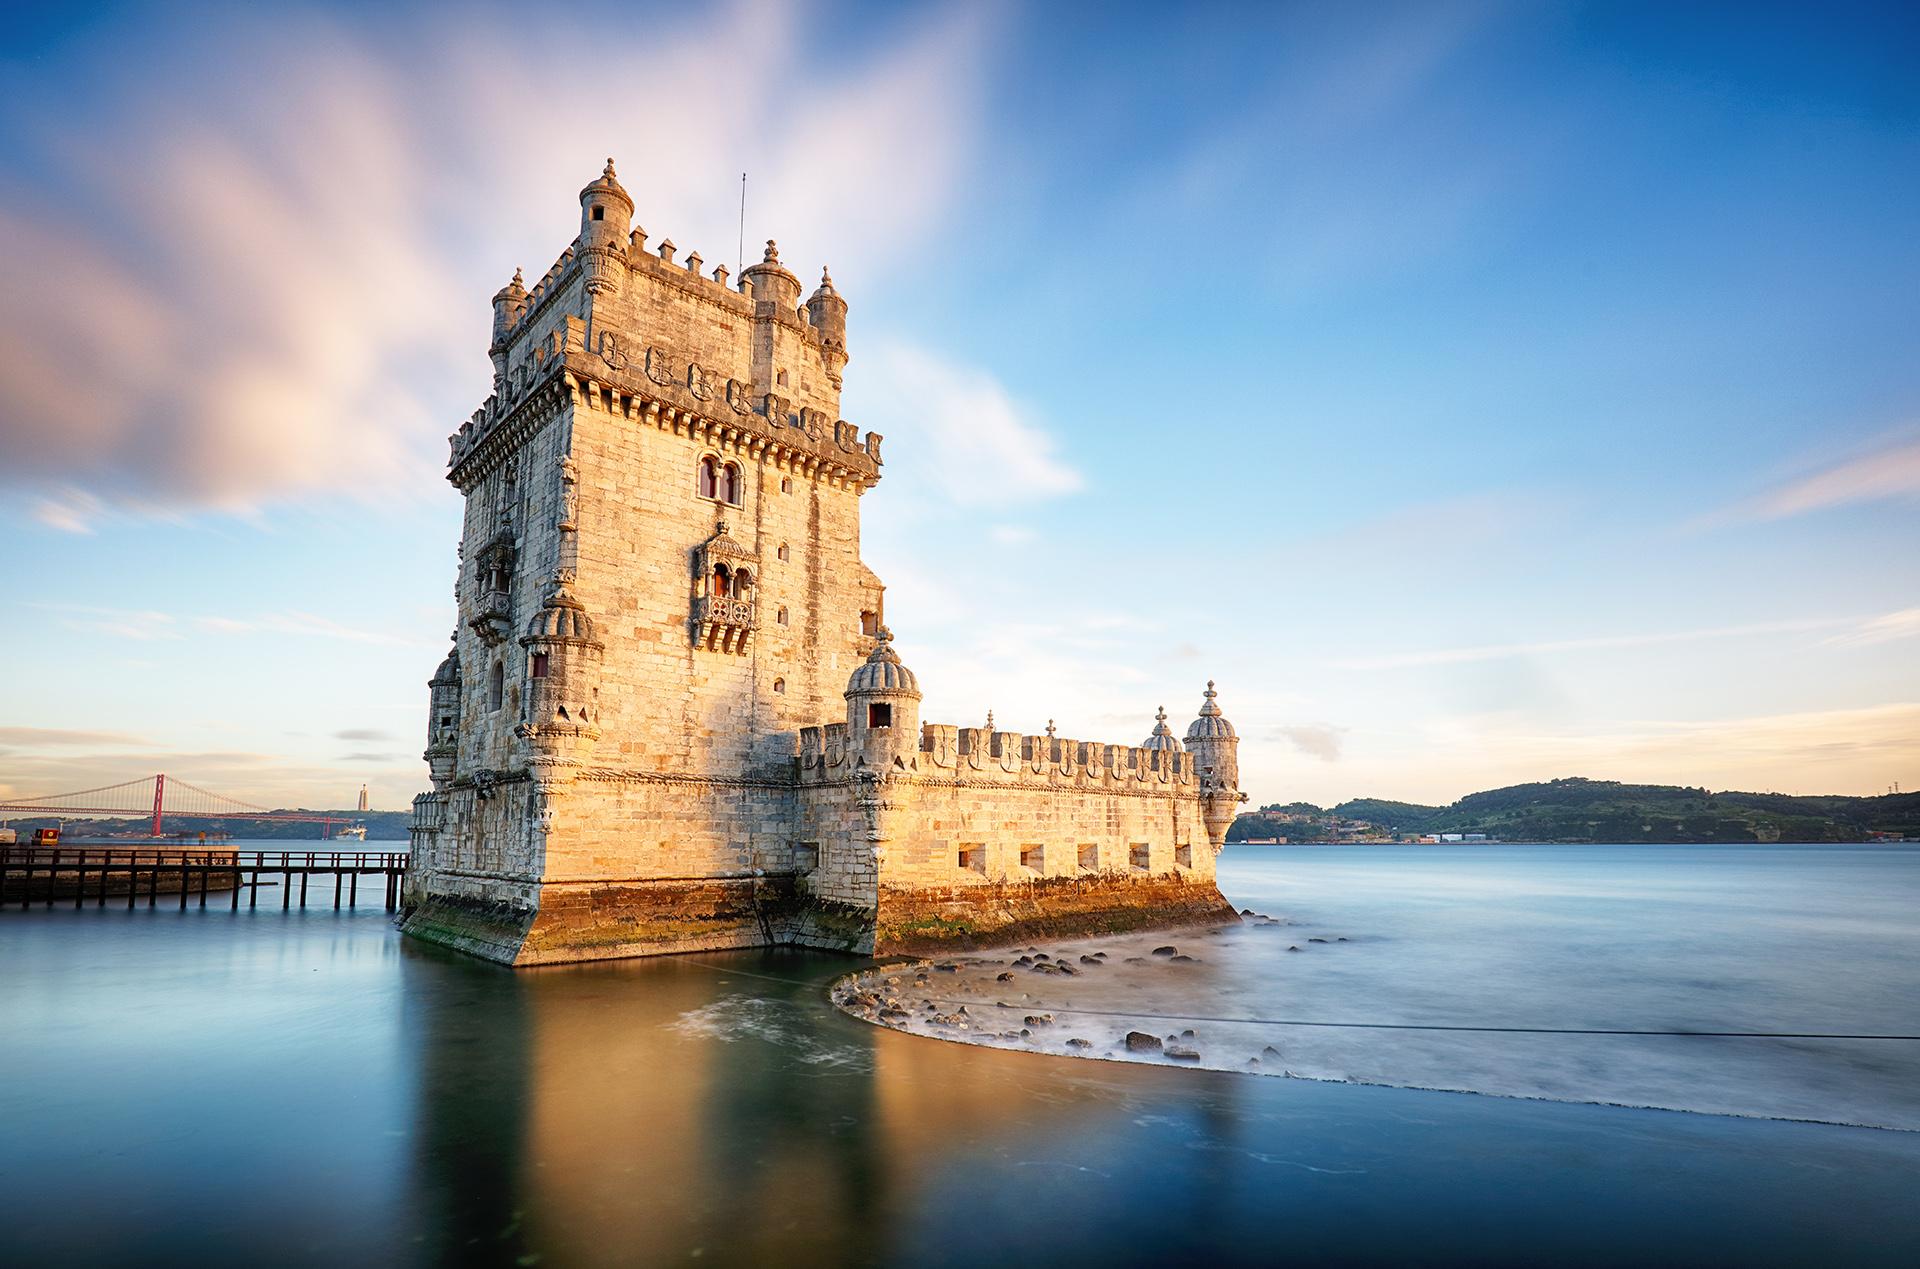 La Torre de Belém, de arquitectura medieval junto a la desembocadura del río Tajo es uno de los emblemáticos edificios para visitar en la ciudad. Quienes sean amantes de los mariscos, este es un destino ideal para probarlos ya que es un país costero y posee los mejores